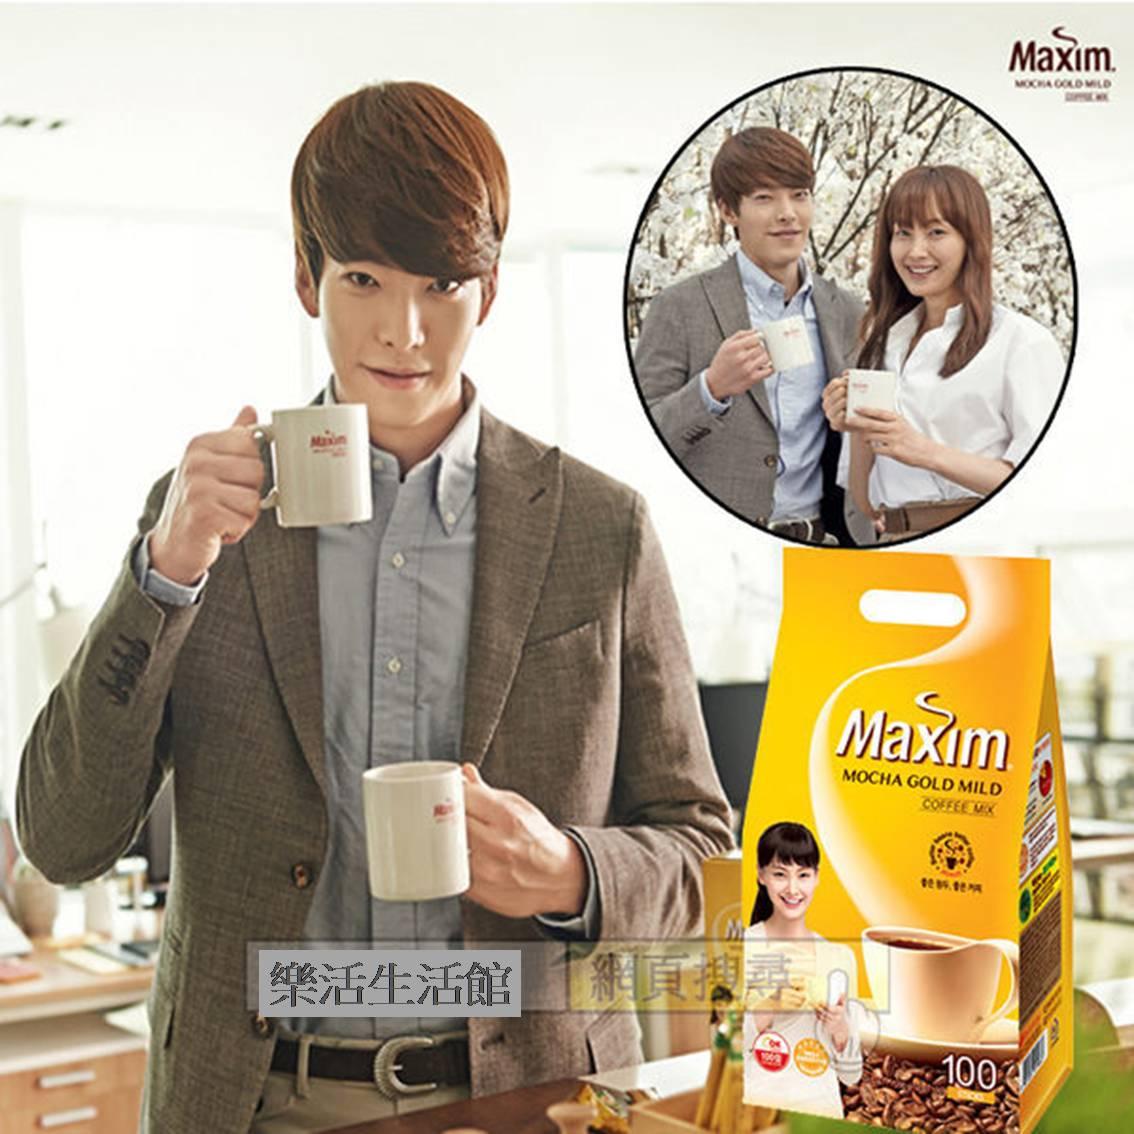 韓國Maxim麥心 摩卡 /原味 (有貨)三合一咖啡 (單支12克) 兩種口味 (請註明口味 ) 【樂活生活館】